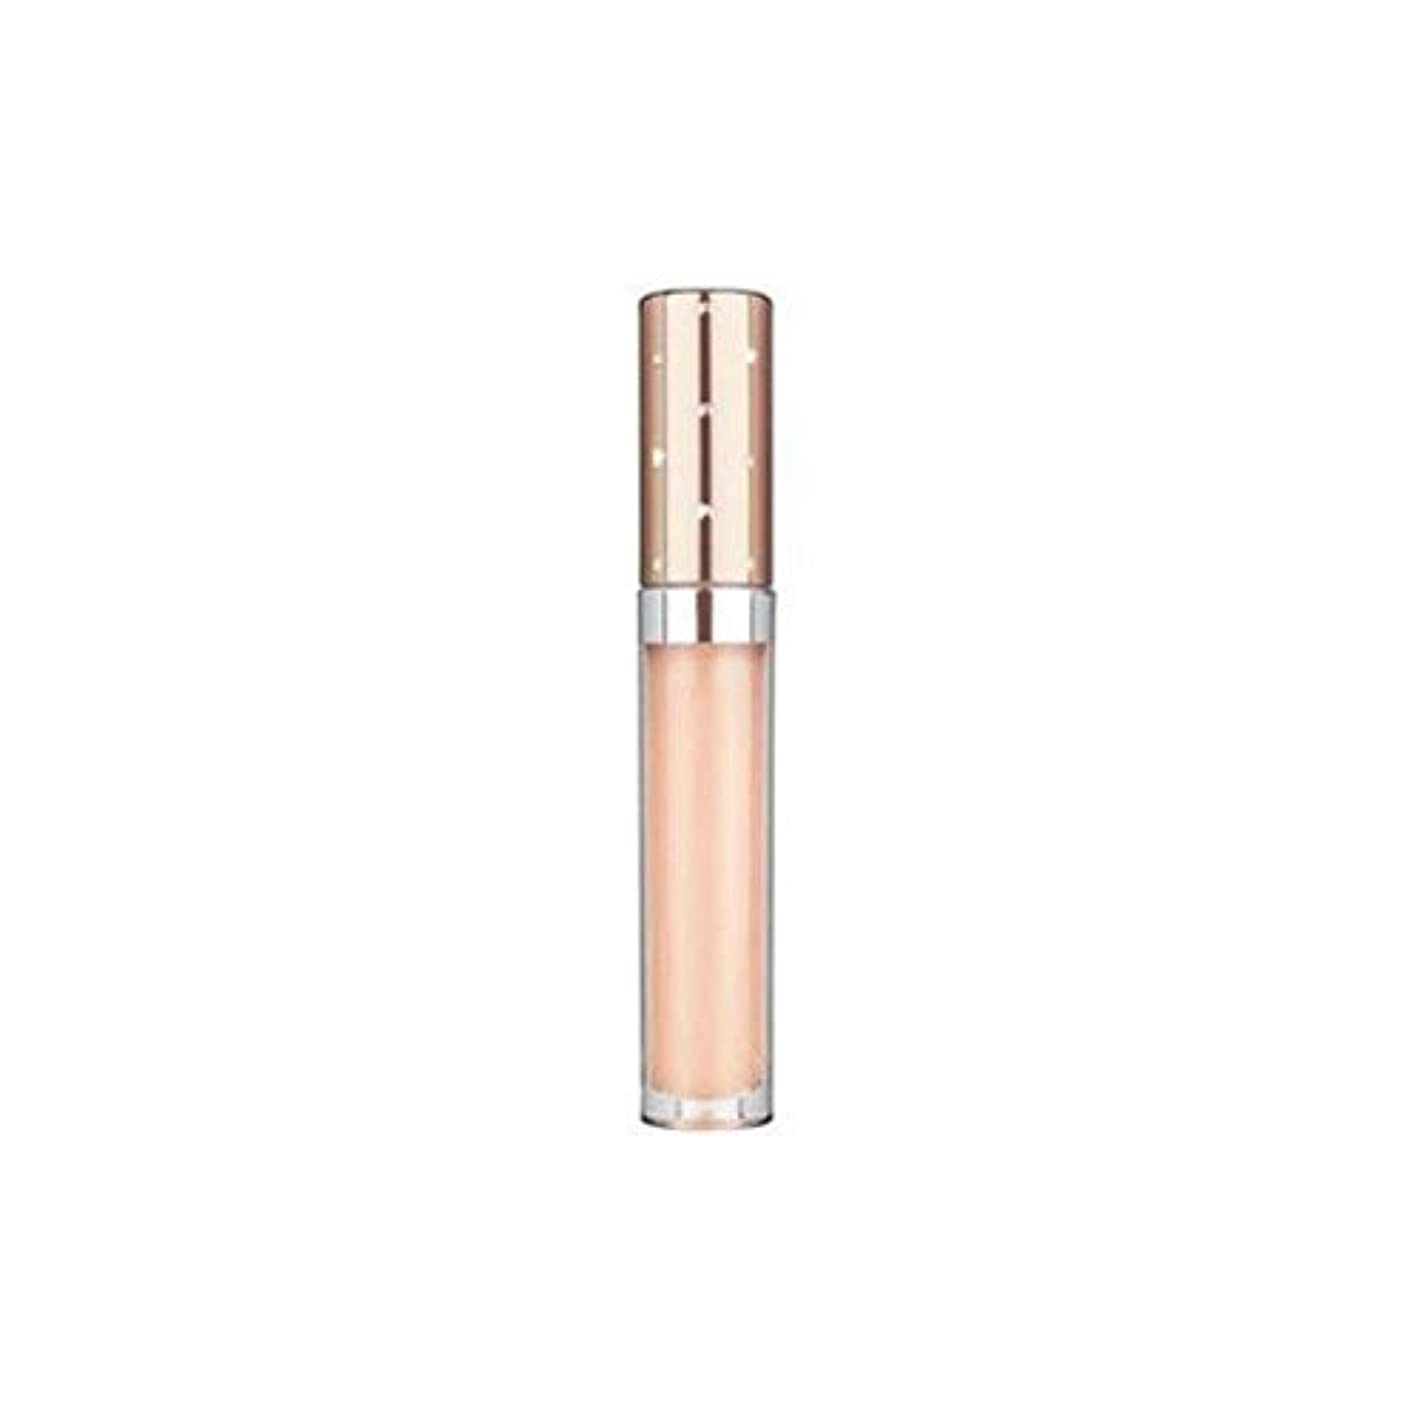 代表する絶望的な契約インスタントリップパーフェクション15(5ミリリットル) x2 - Nubo Instant Lip Perfection Spf15 (5ml) (Pack of 2) [並行輸入品]